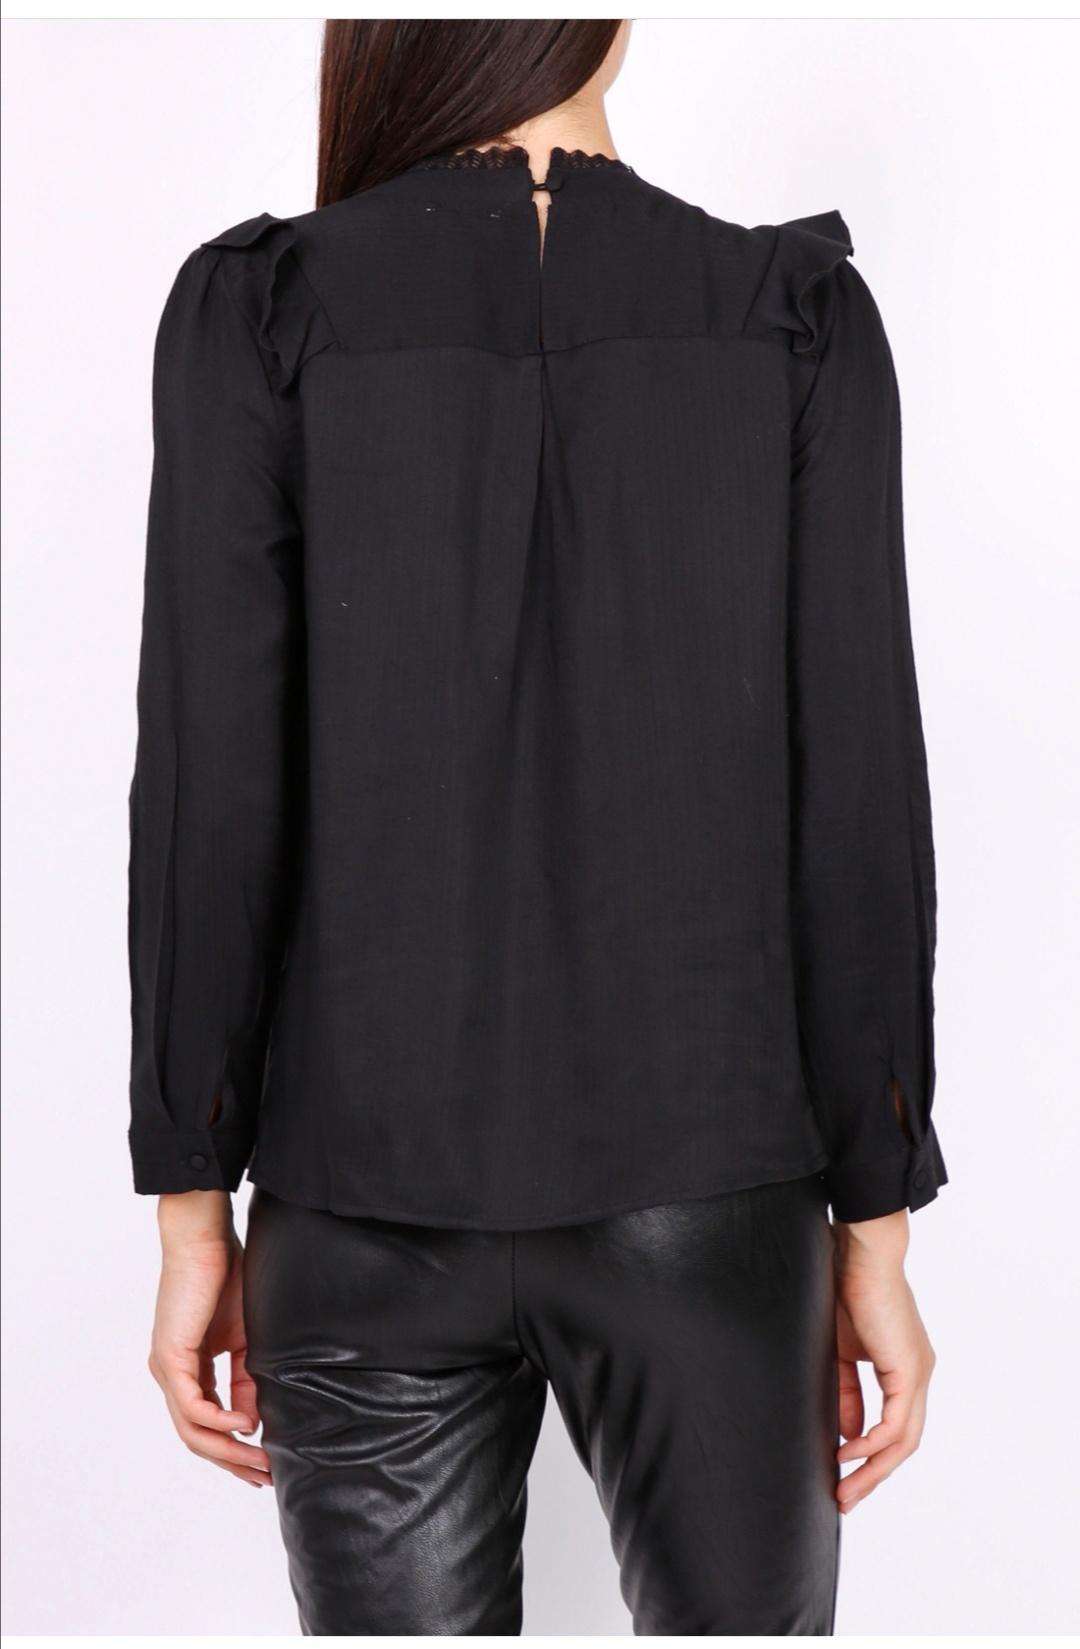 PEPITES blouse lea noire-2